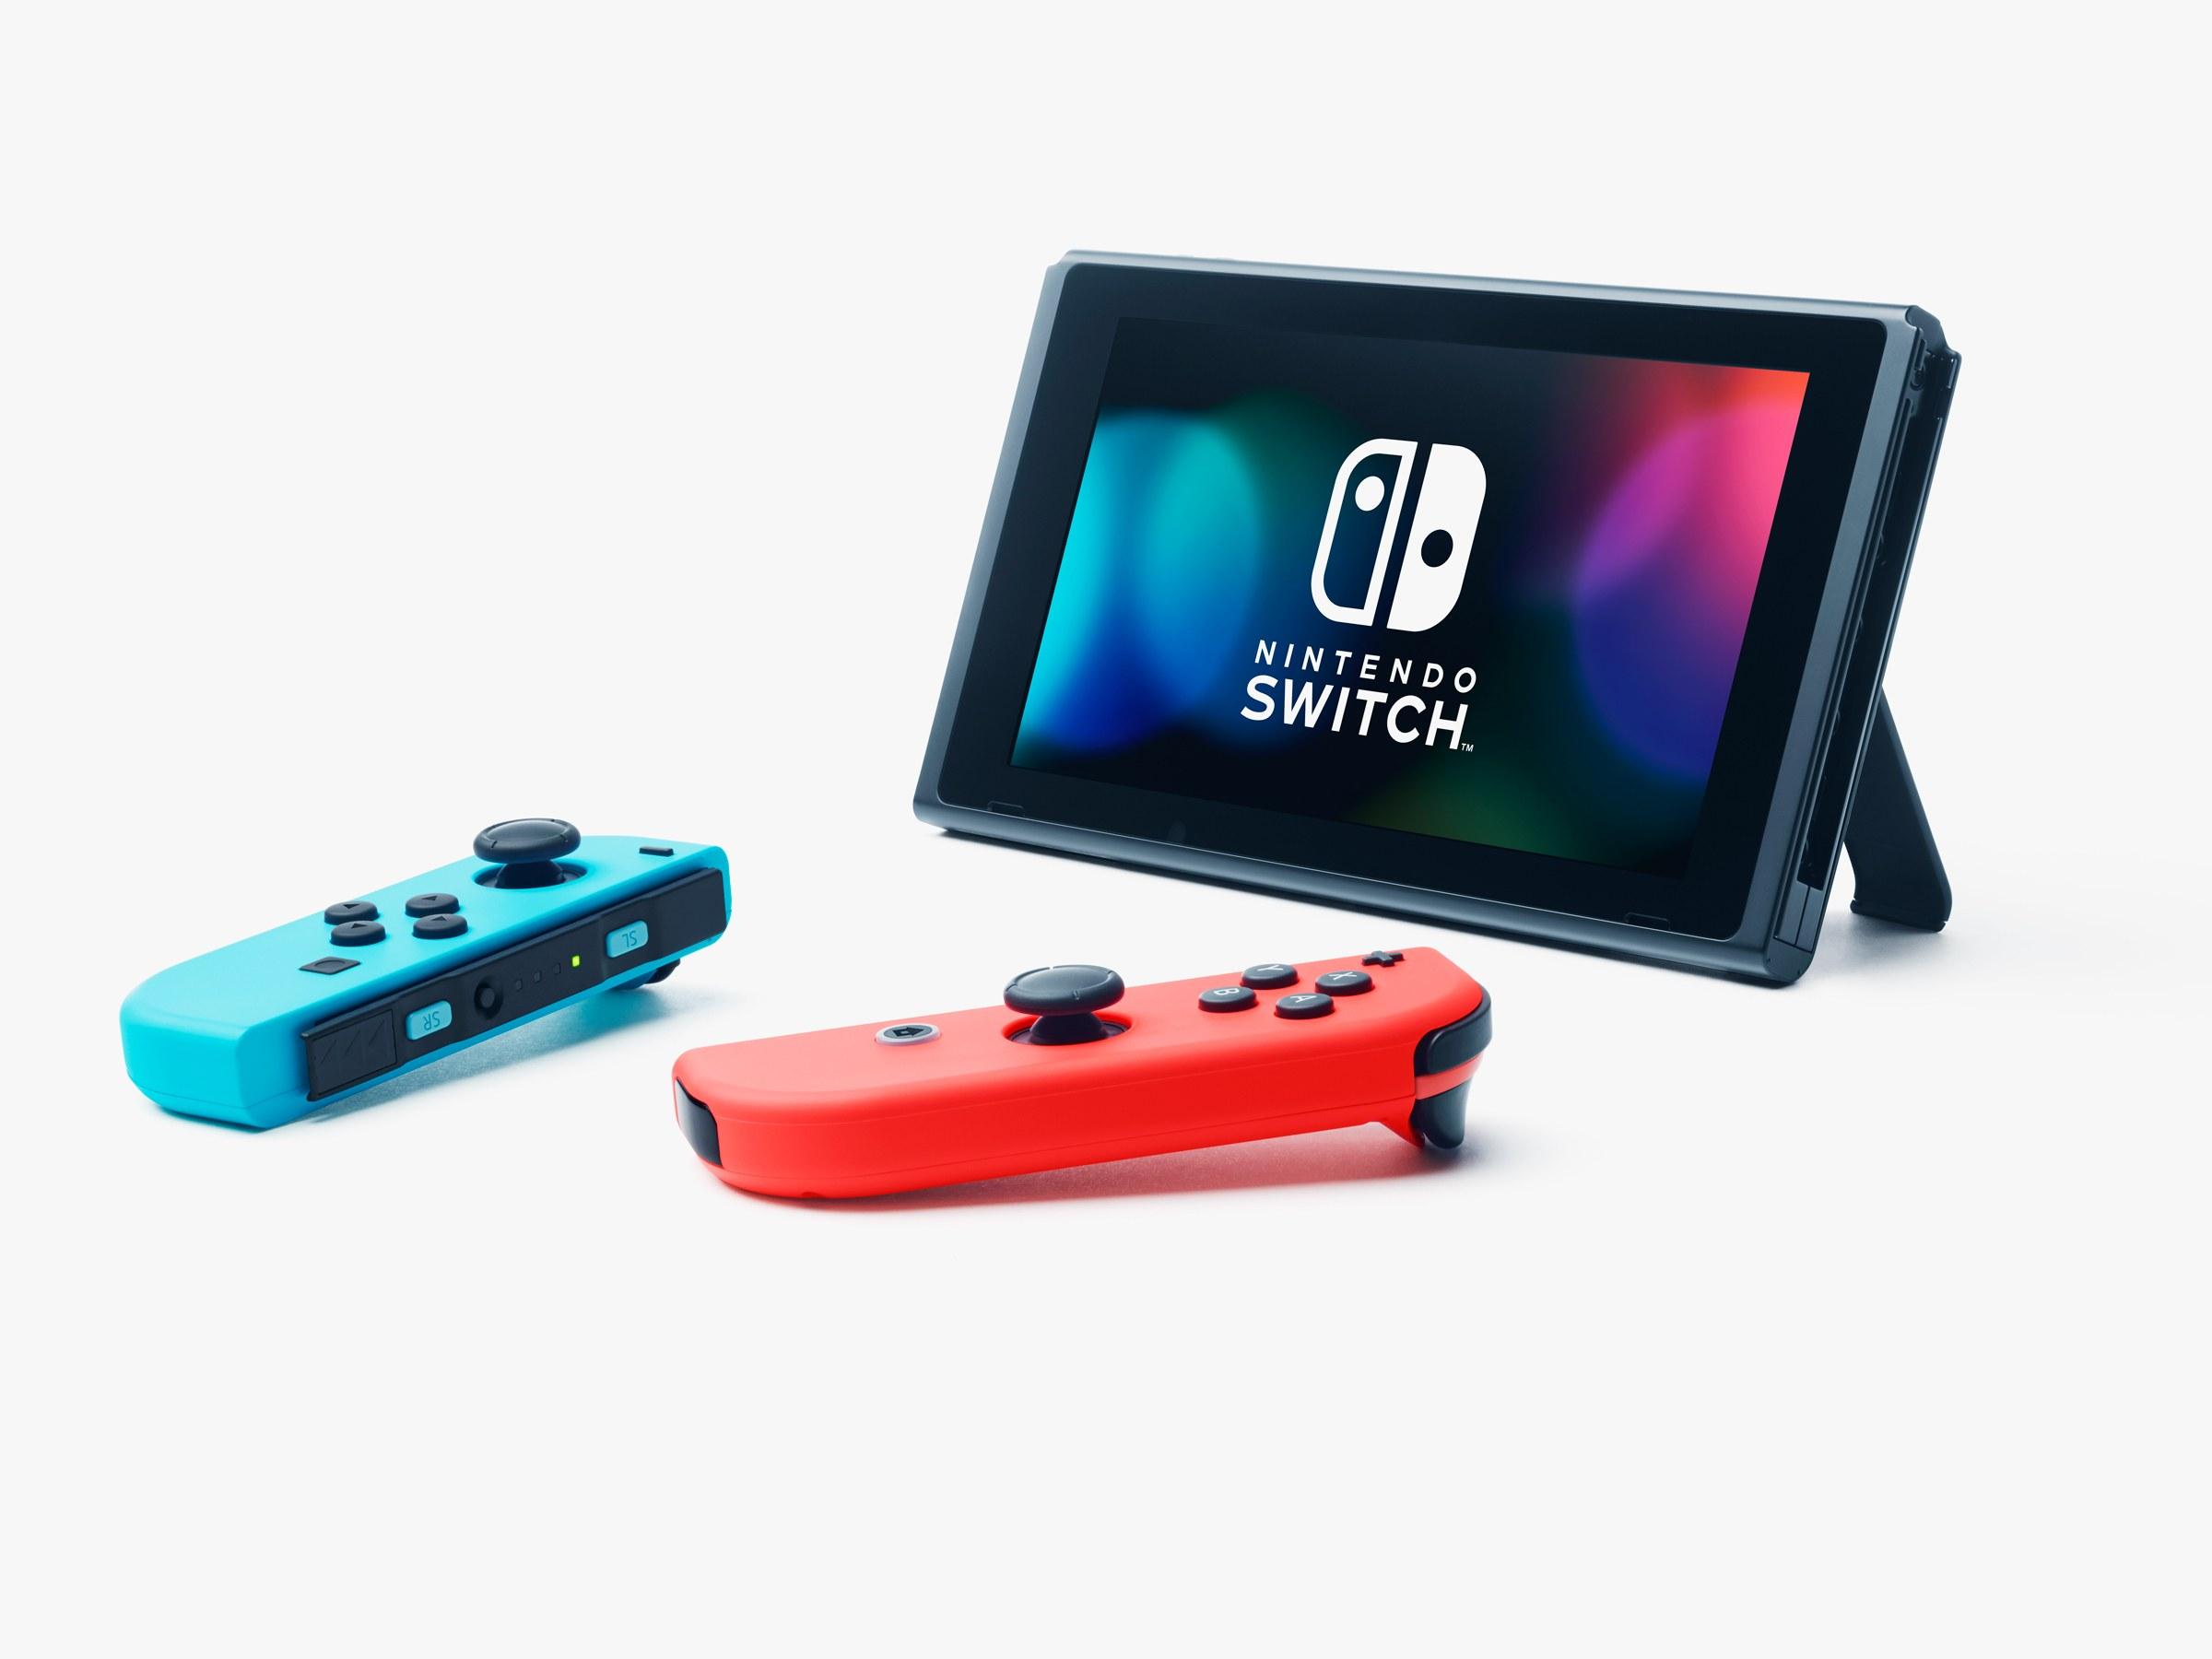 Ekialde urrunean Nintendo Switch haizeak putz egiten jarraitzen du